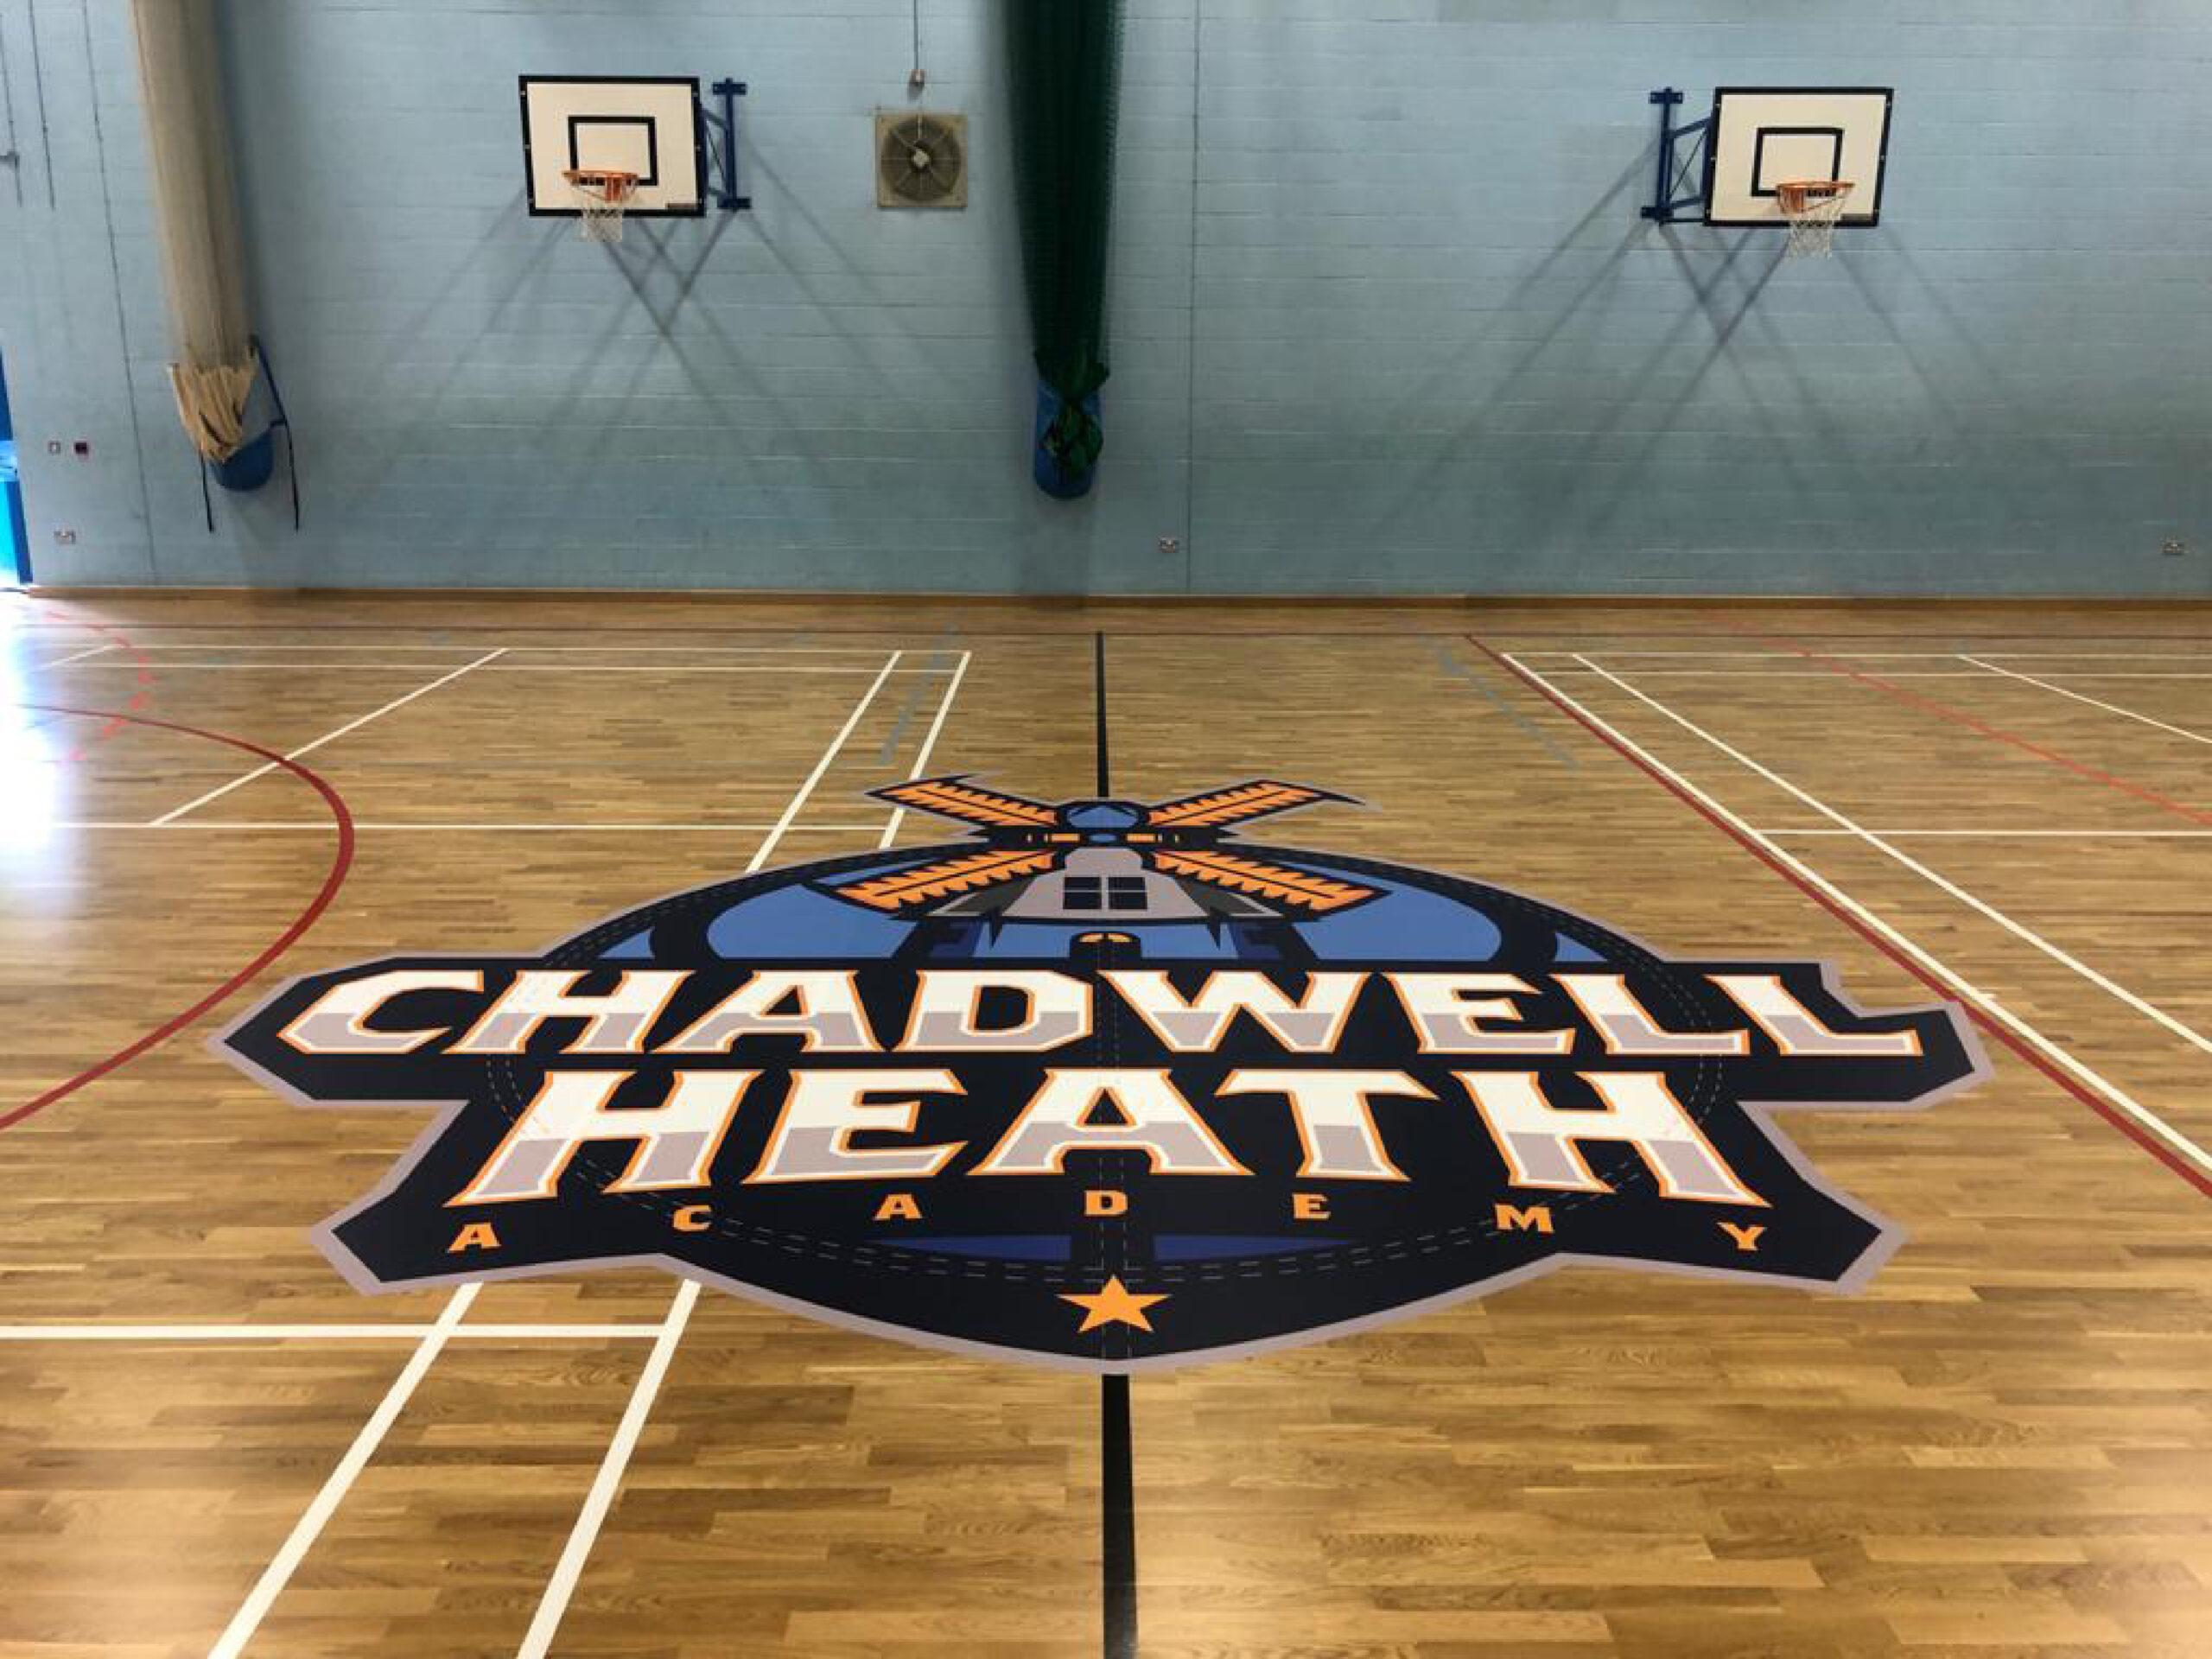 chadwell heath logo